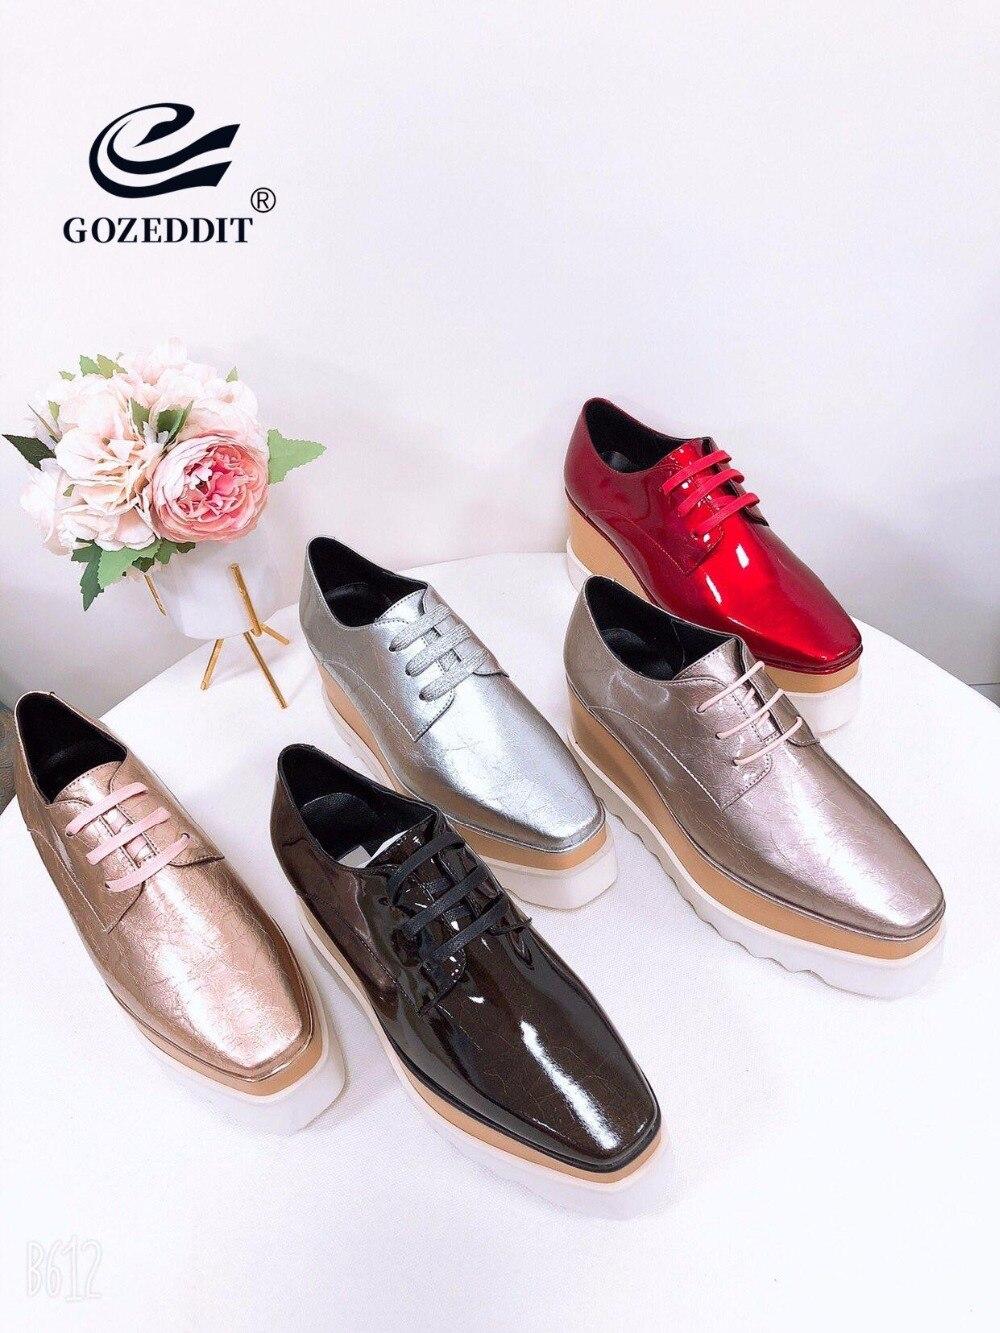 GOZEDDIT/Модная обувь на танкетке, кожаные кроссовки на шнуровке, женская повседневная обувь на каблуке 8 см